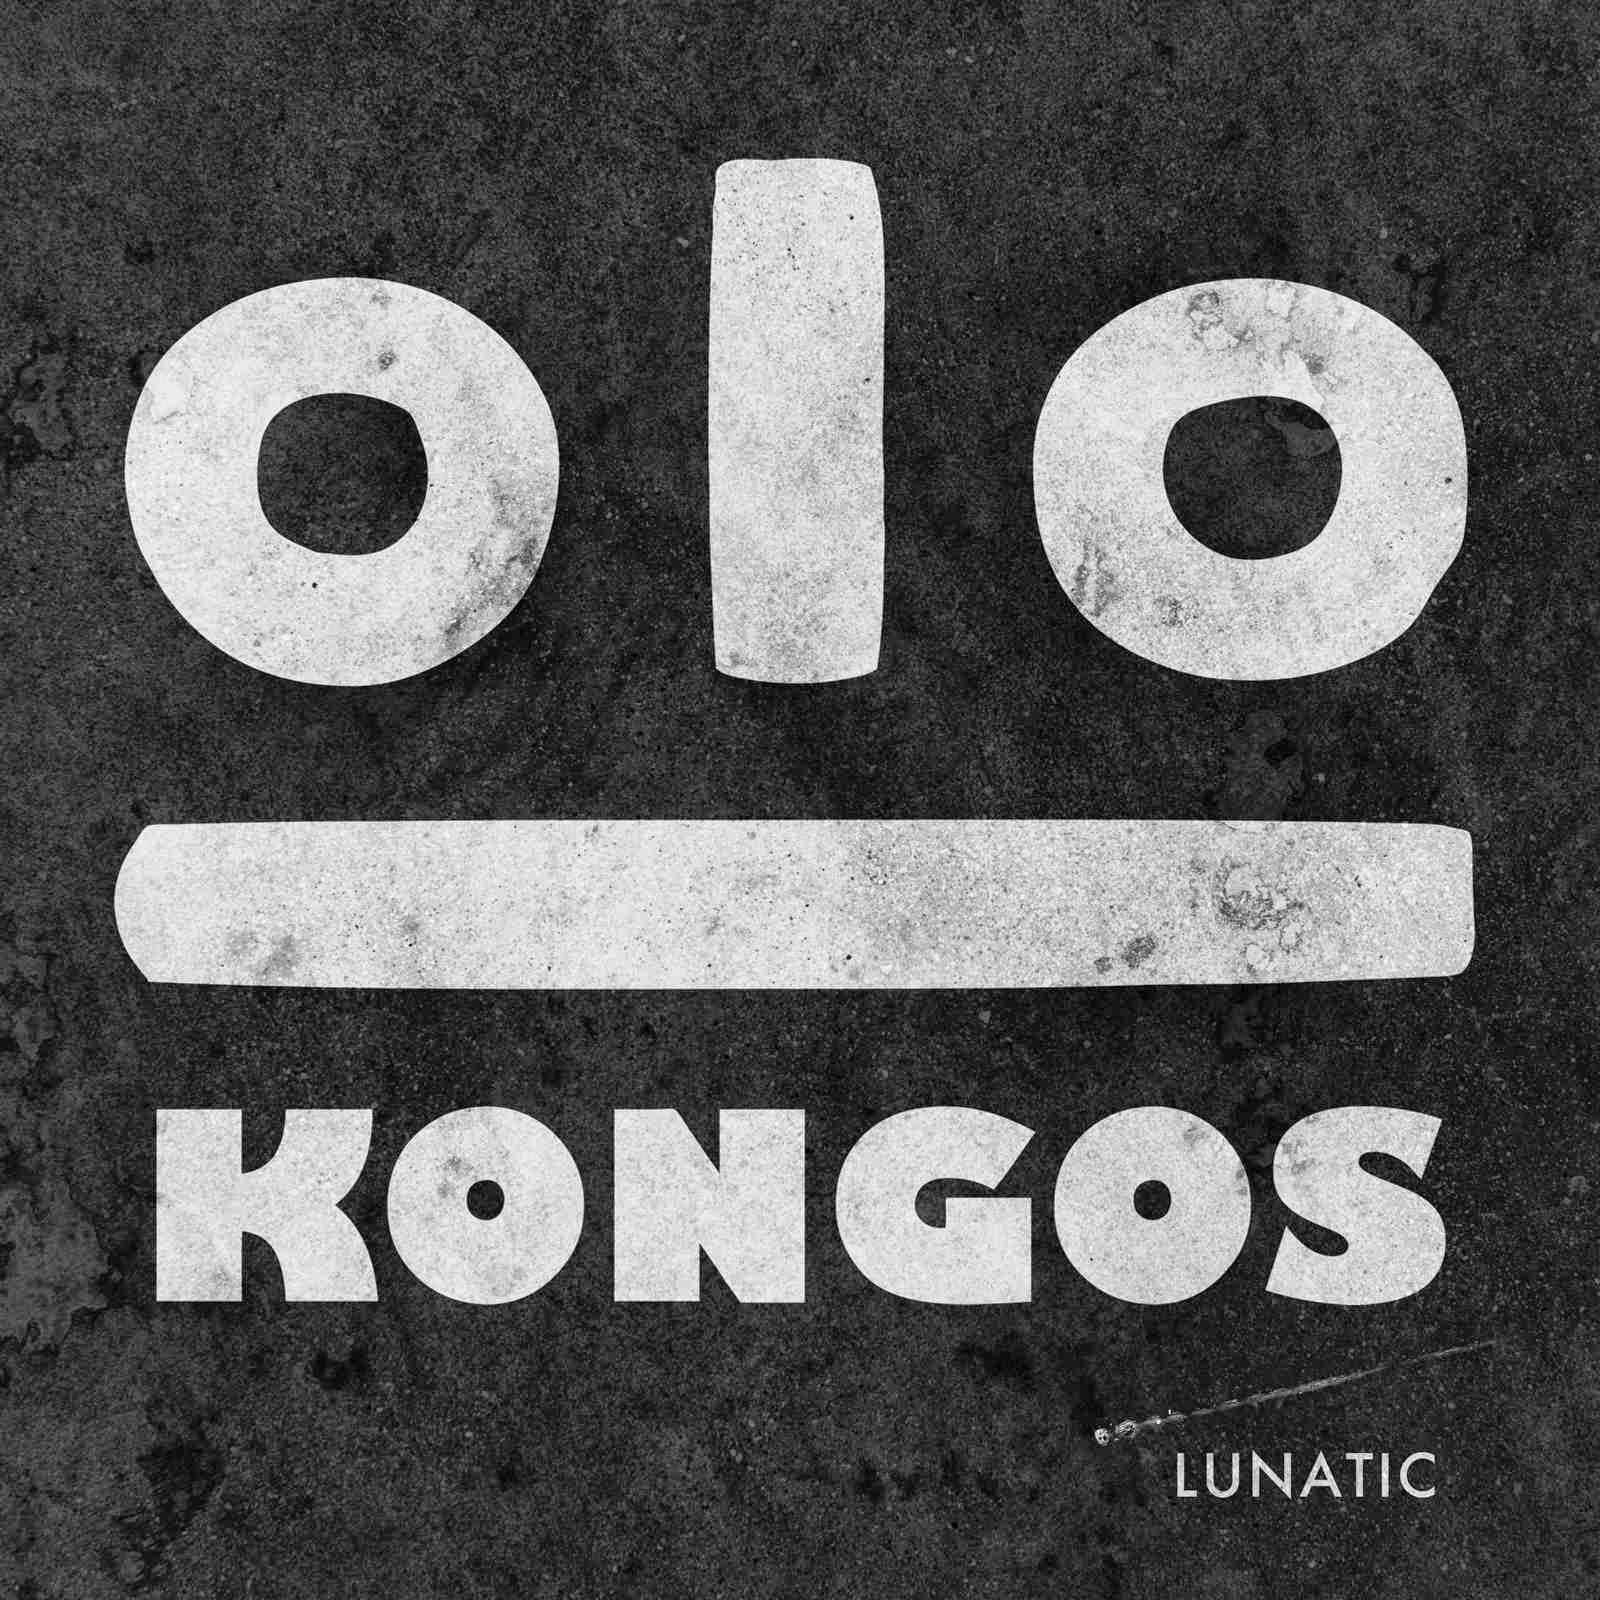 www.d4am.net/2014/04/kongos-lunatic.html